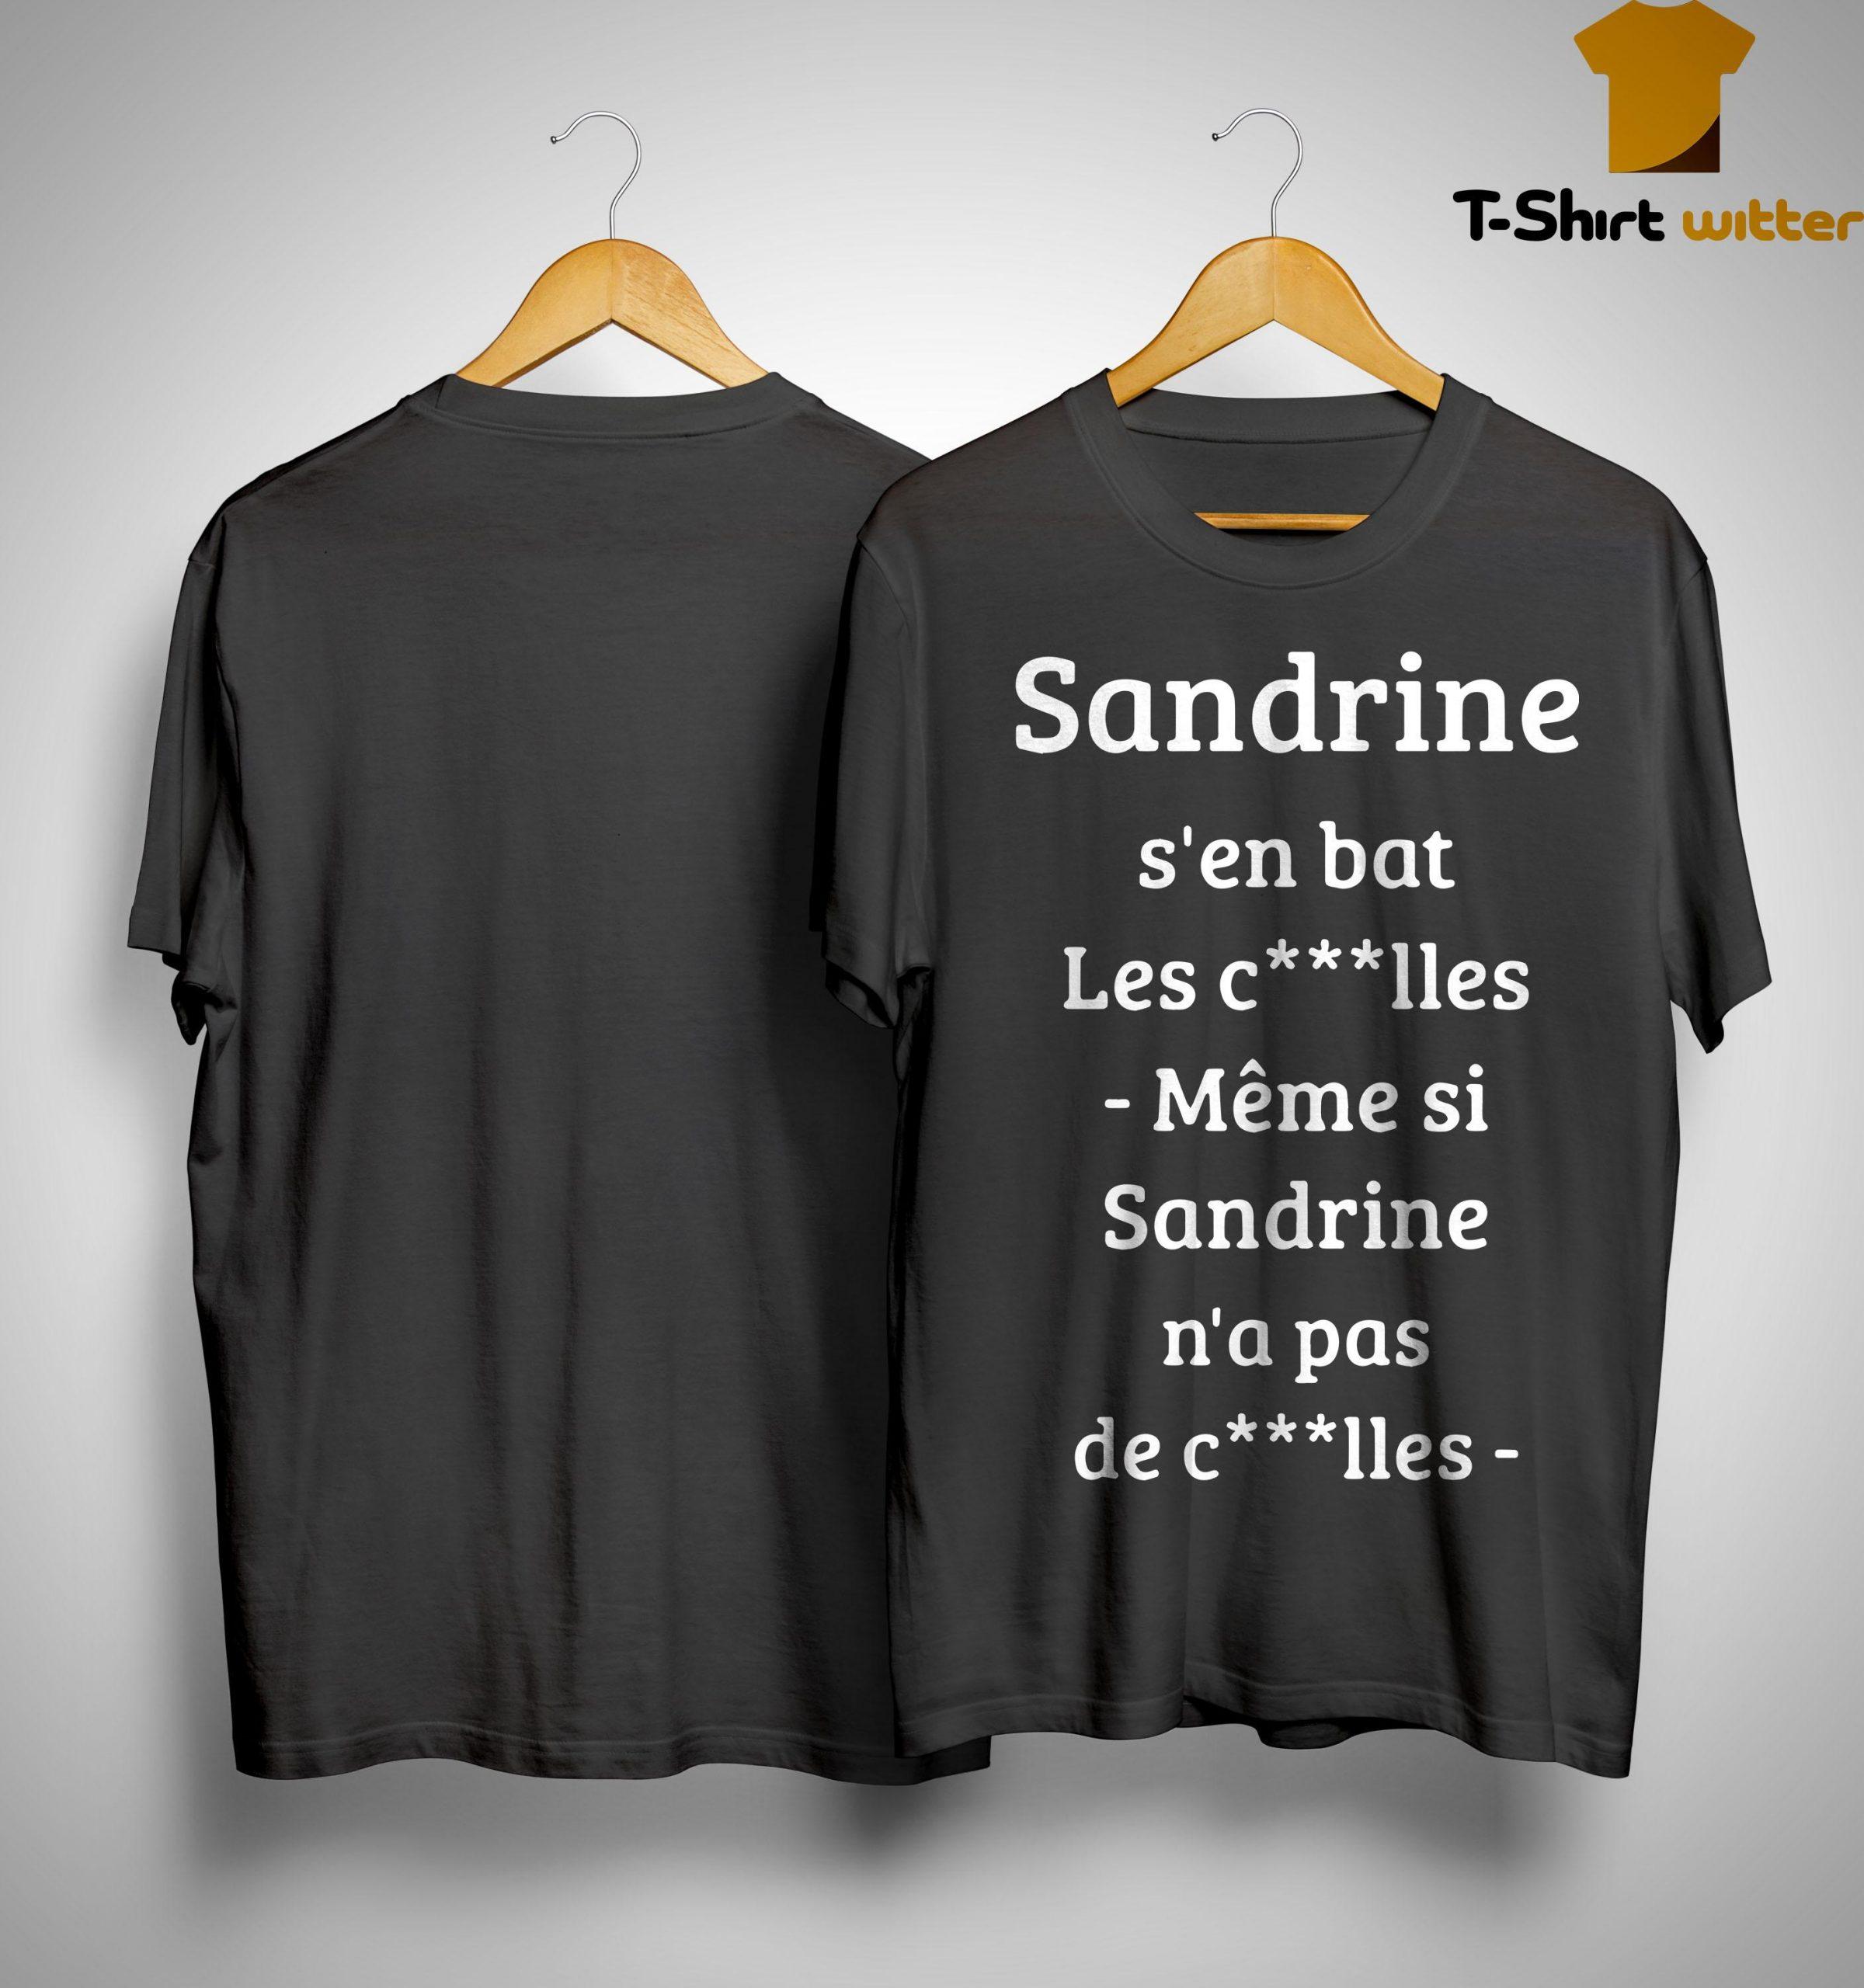 Sandrine S'en Bat Les Couilles Même Si Sandrine N'a Pá De Couilles Shirt